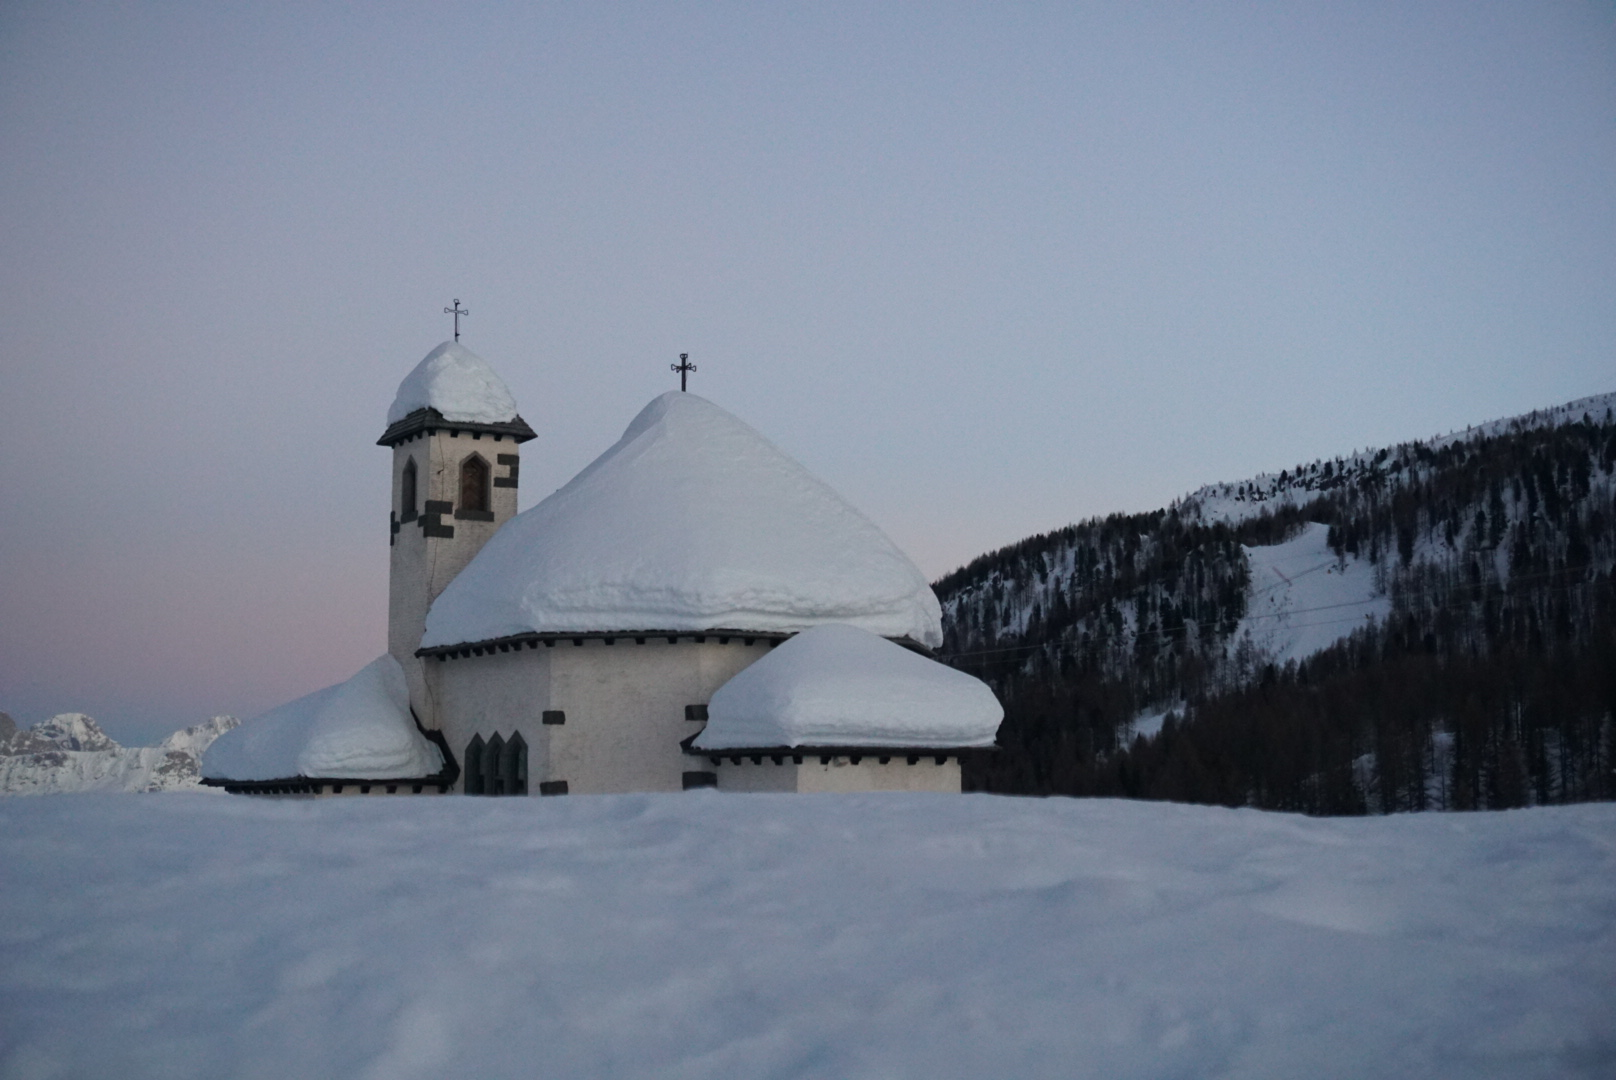 Vigo Di Fassa is een goede uitvalsbasis om te overnachten maar dat kan evengoed in Canazei, Campitello of Pozza di Fassa.